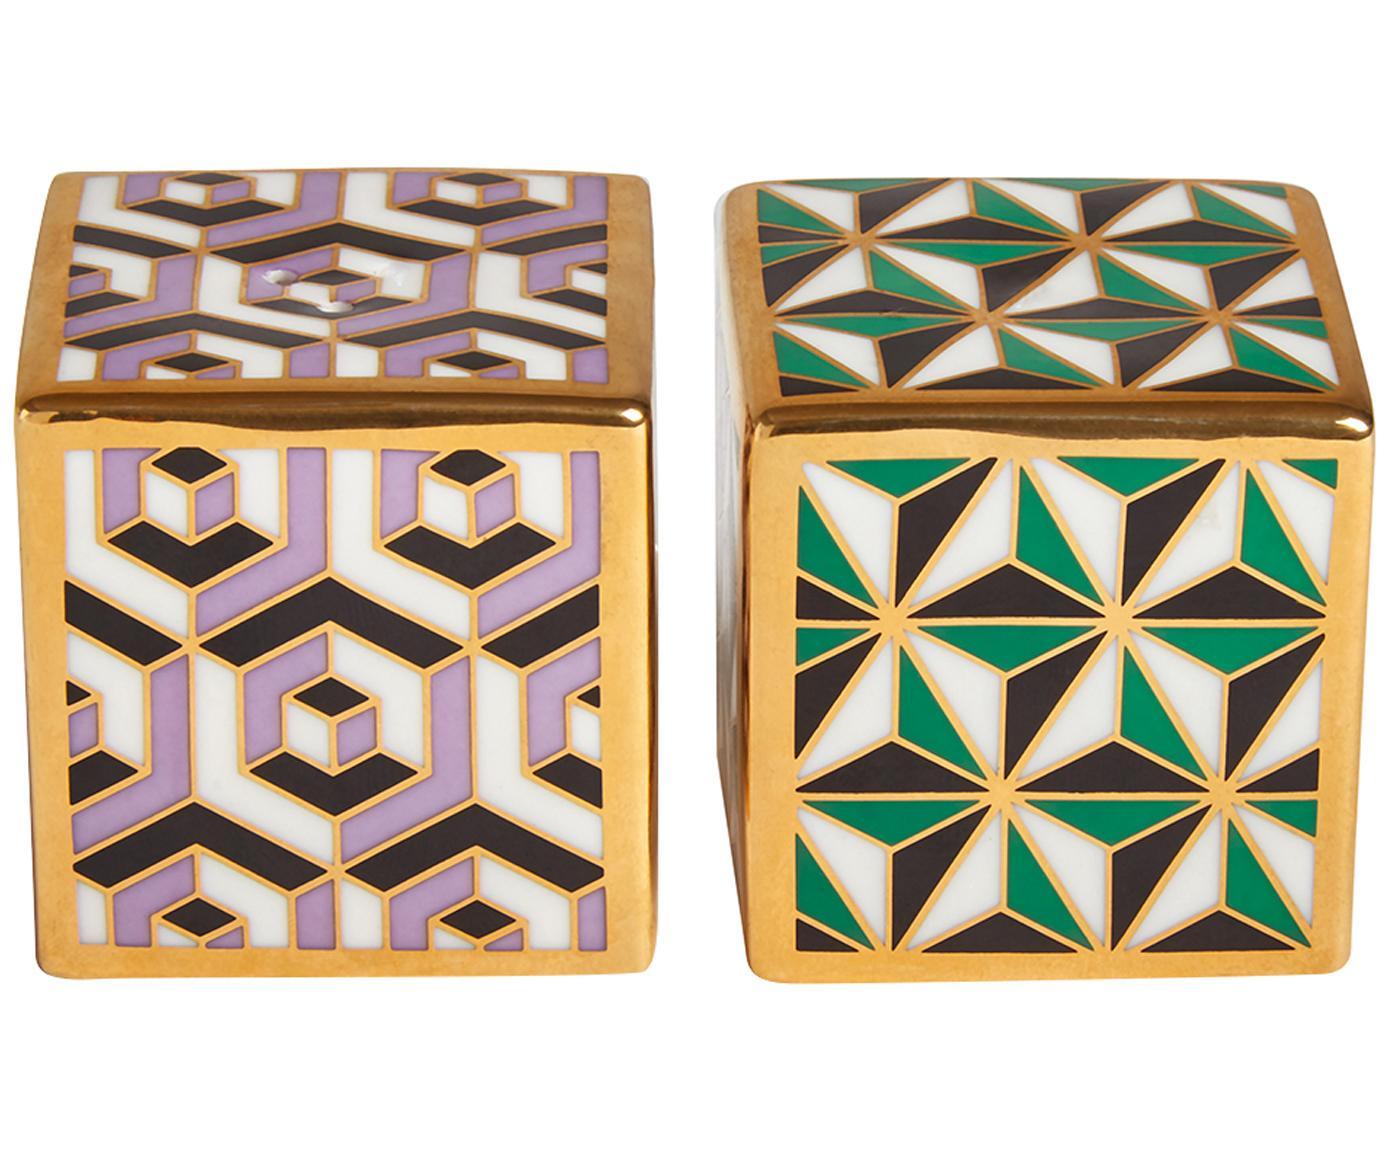 Design zout- en peperstrooier Versailles, verguld, 2-delig, Porselein, 24-karaats verguld, Lila, groen, goudkleurig, 5 x 5 cm